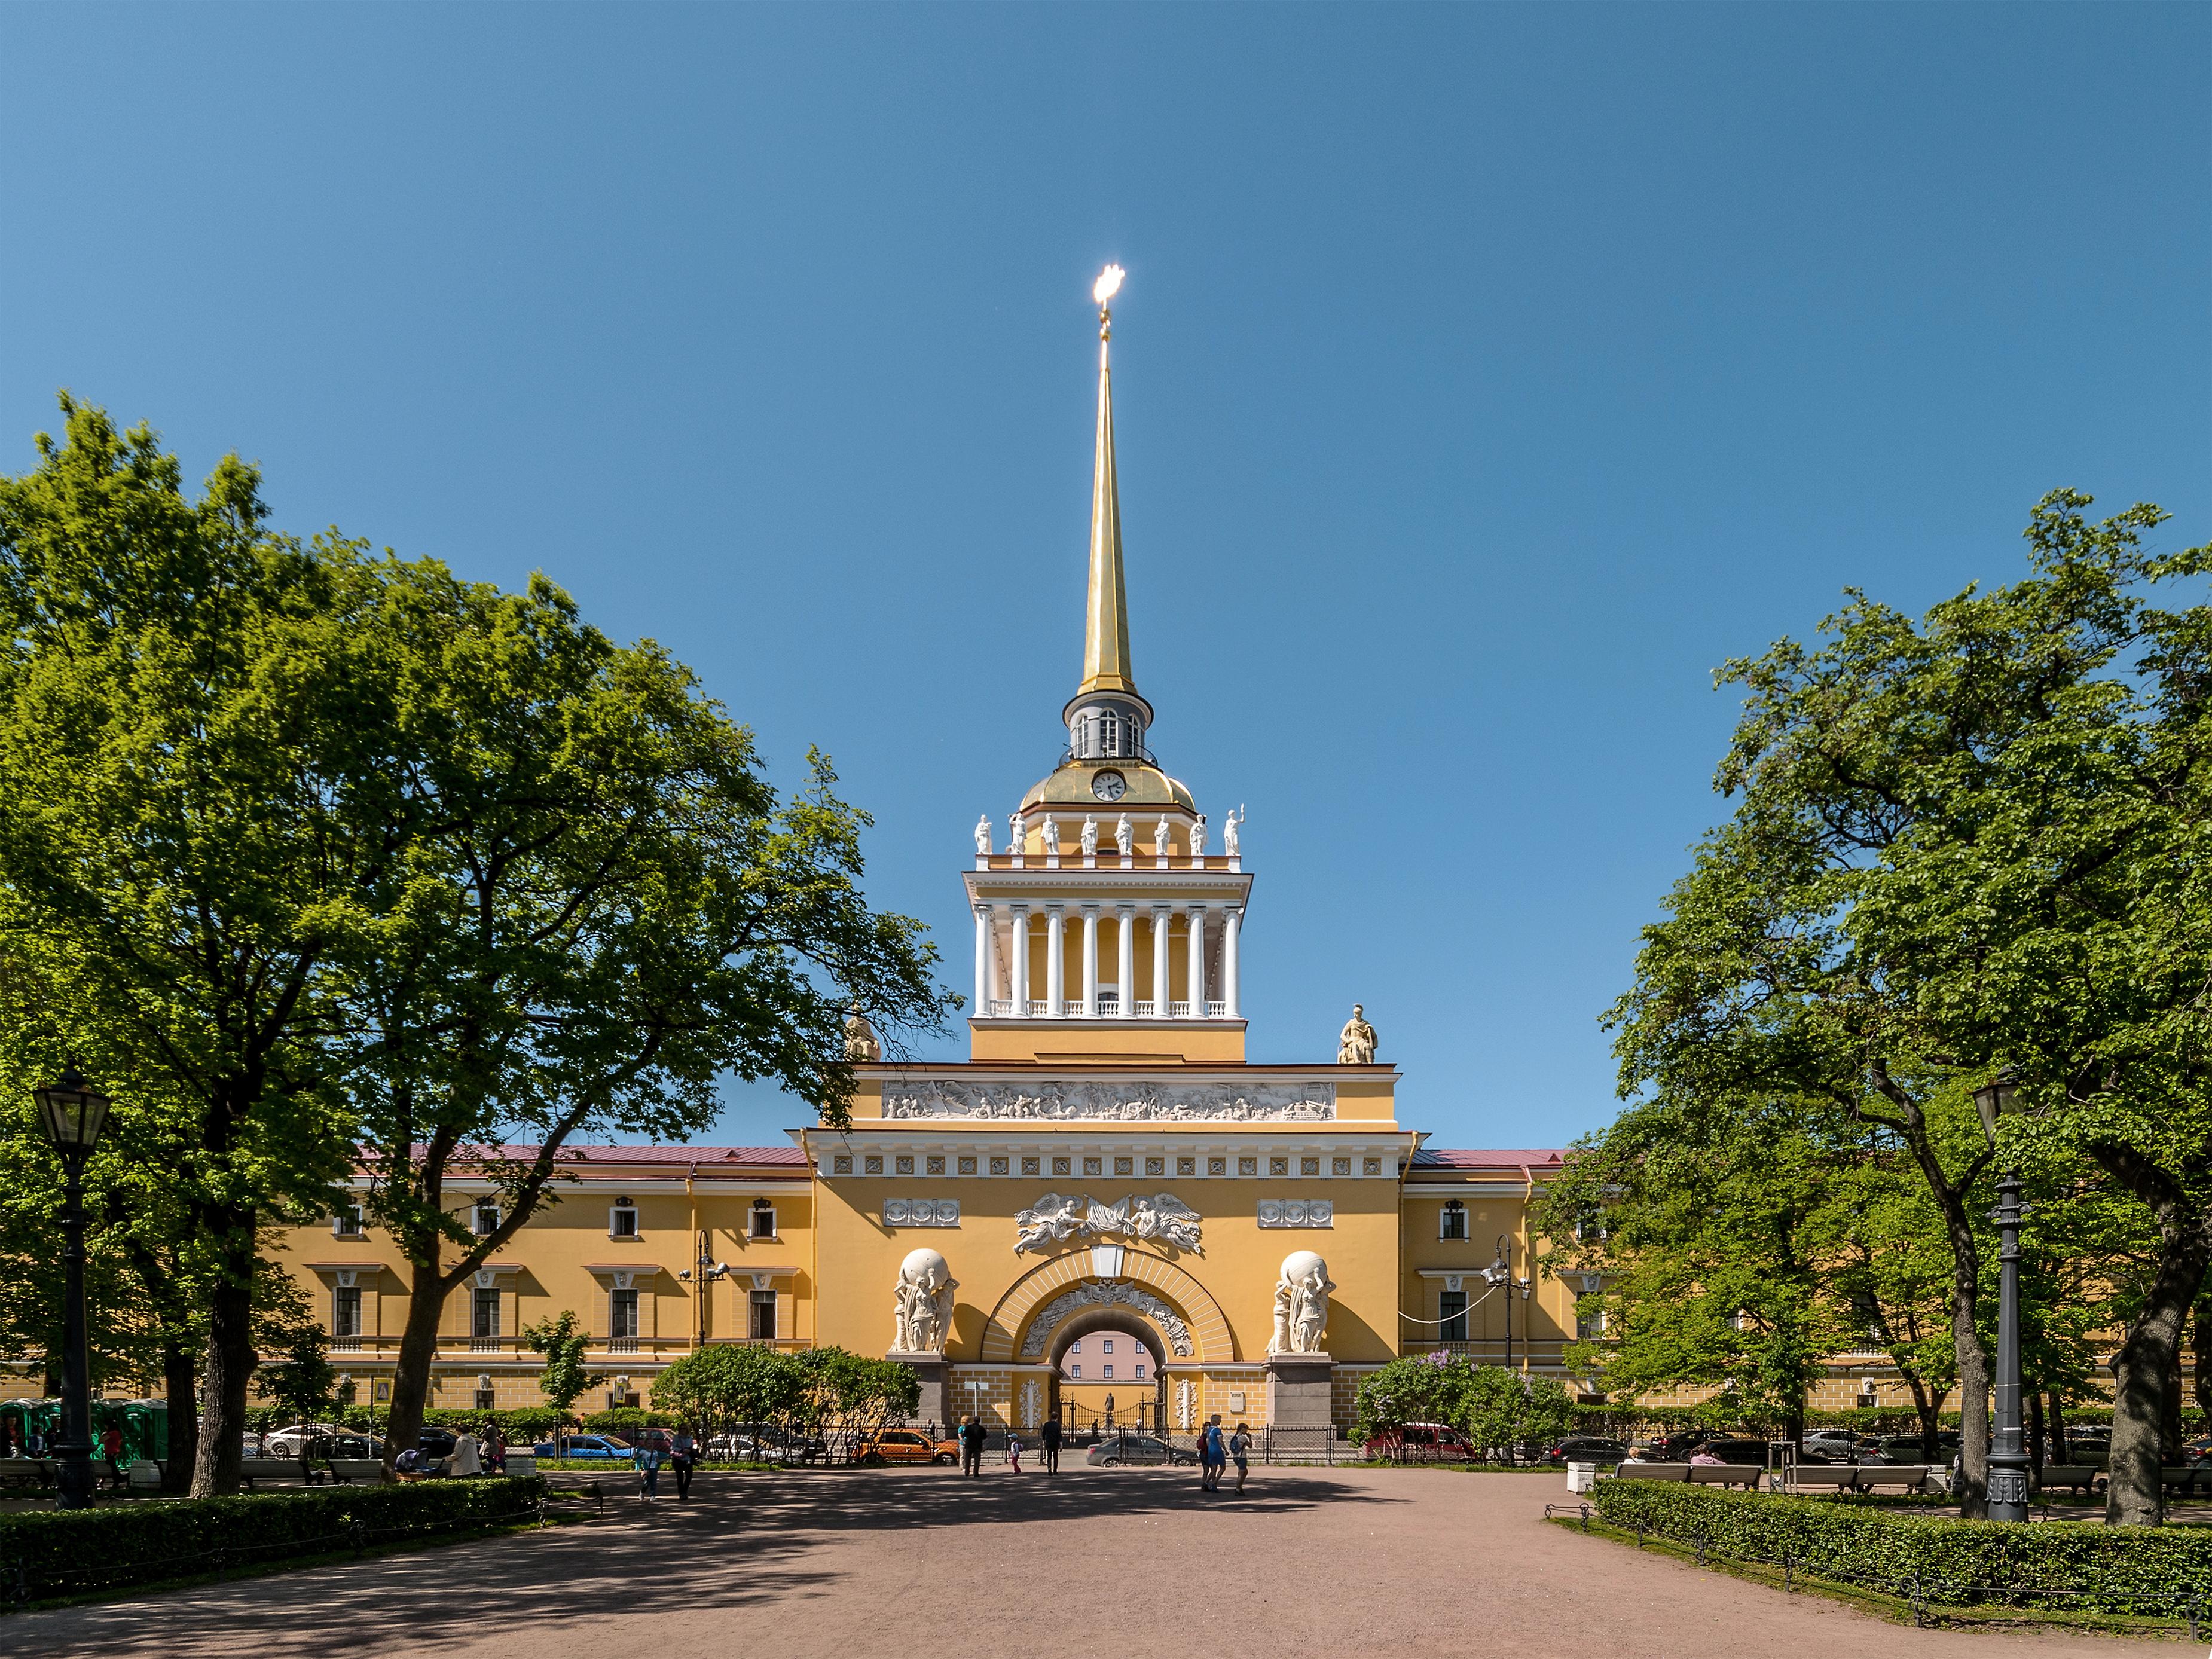 Almirantazgo de San Petersburgo - Wikipedia, la enciclopedia libre